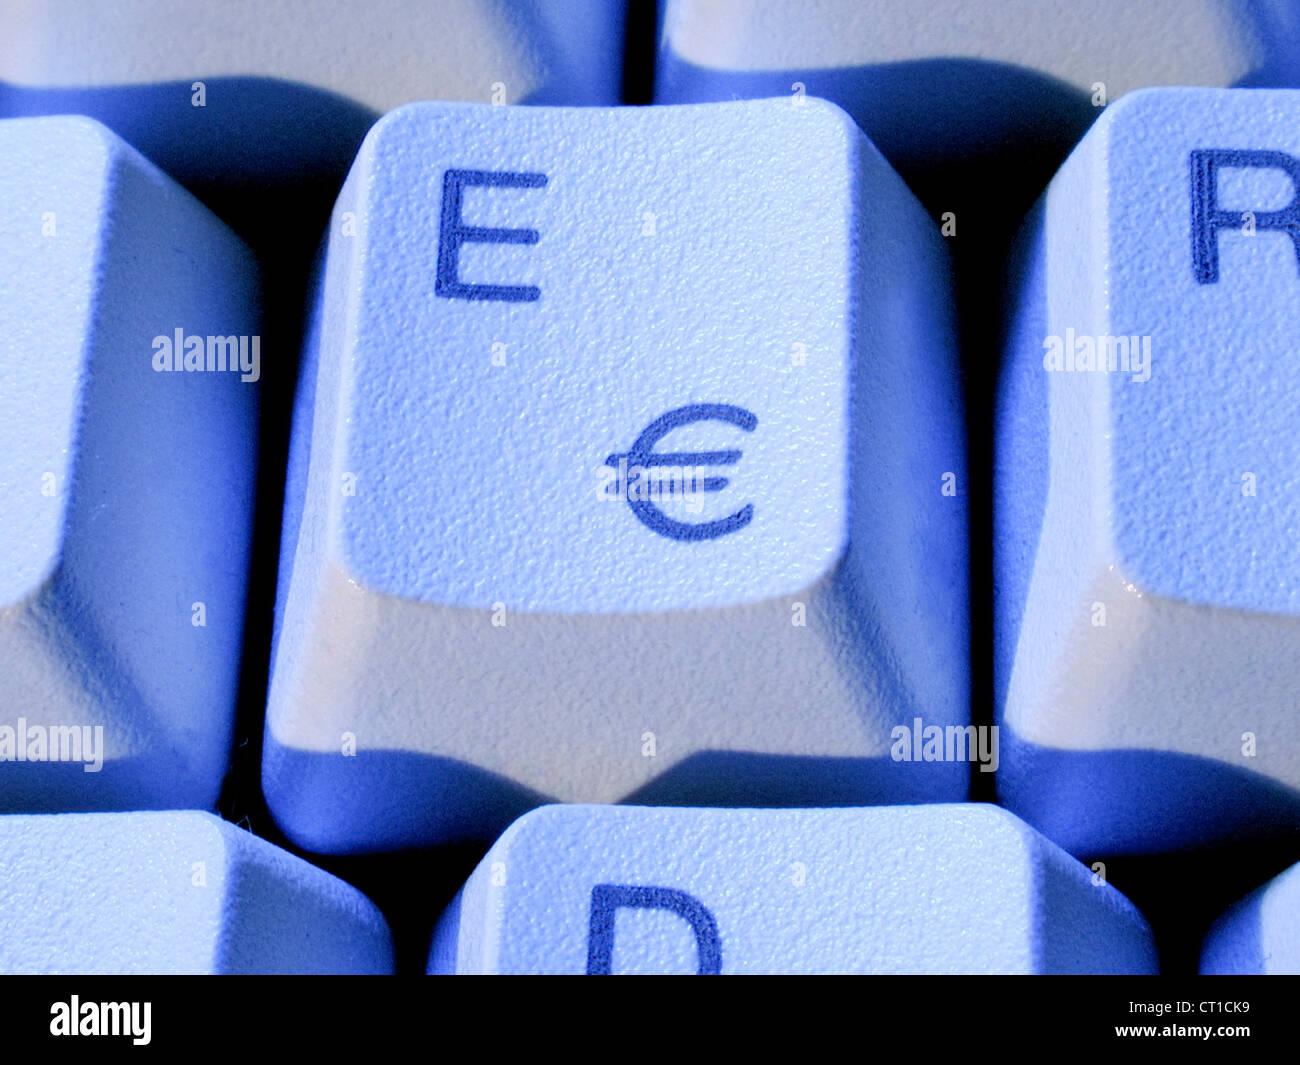 'E' key on keyboard with Euro sign - E Taste mit Eurozeichen € - Stock Image